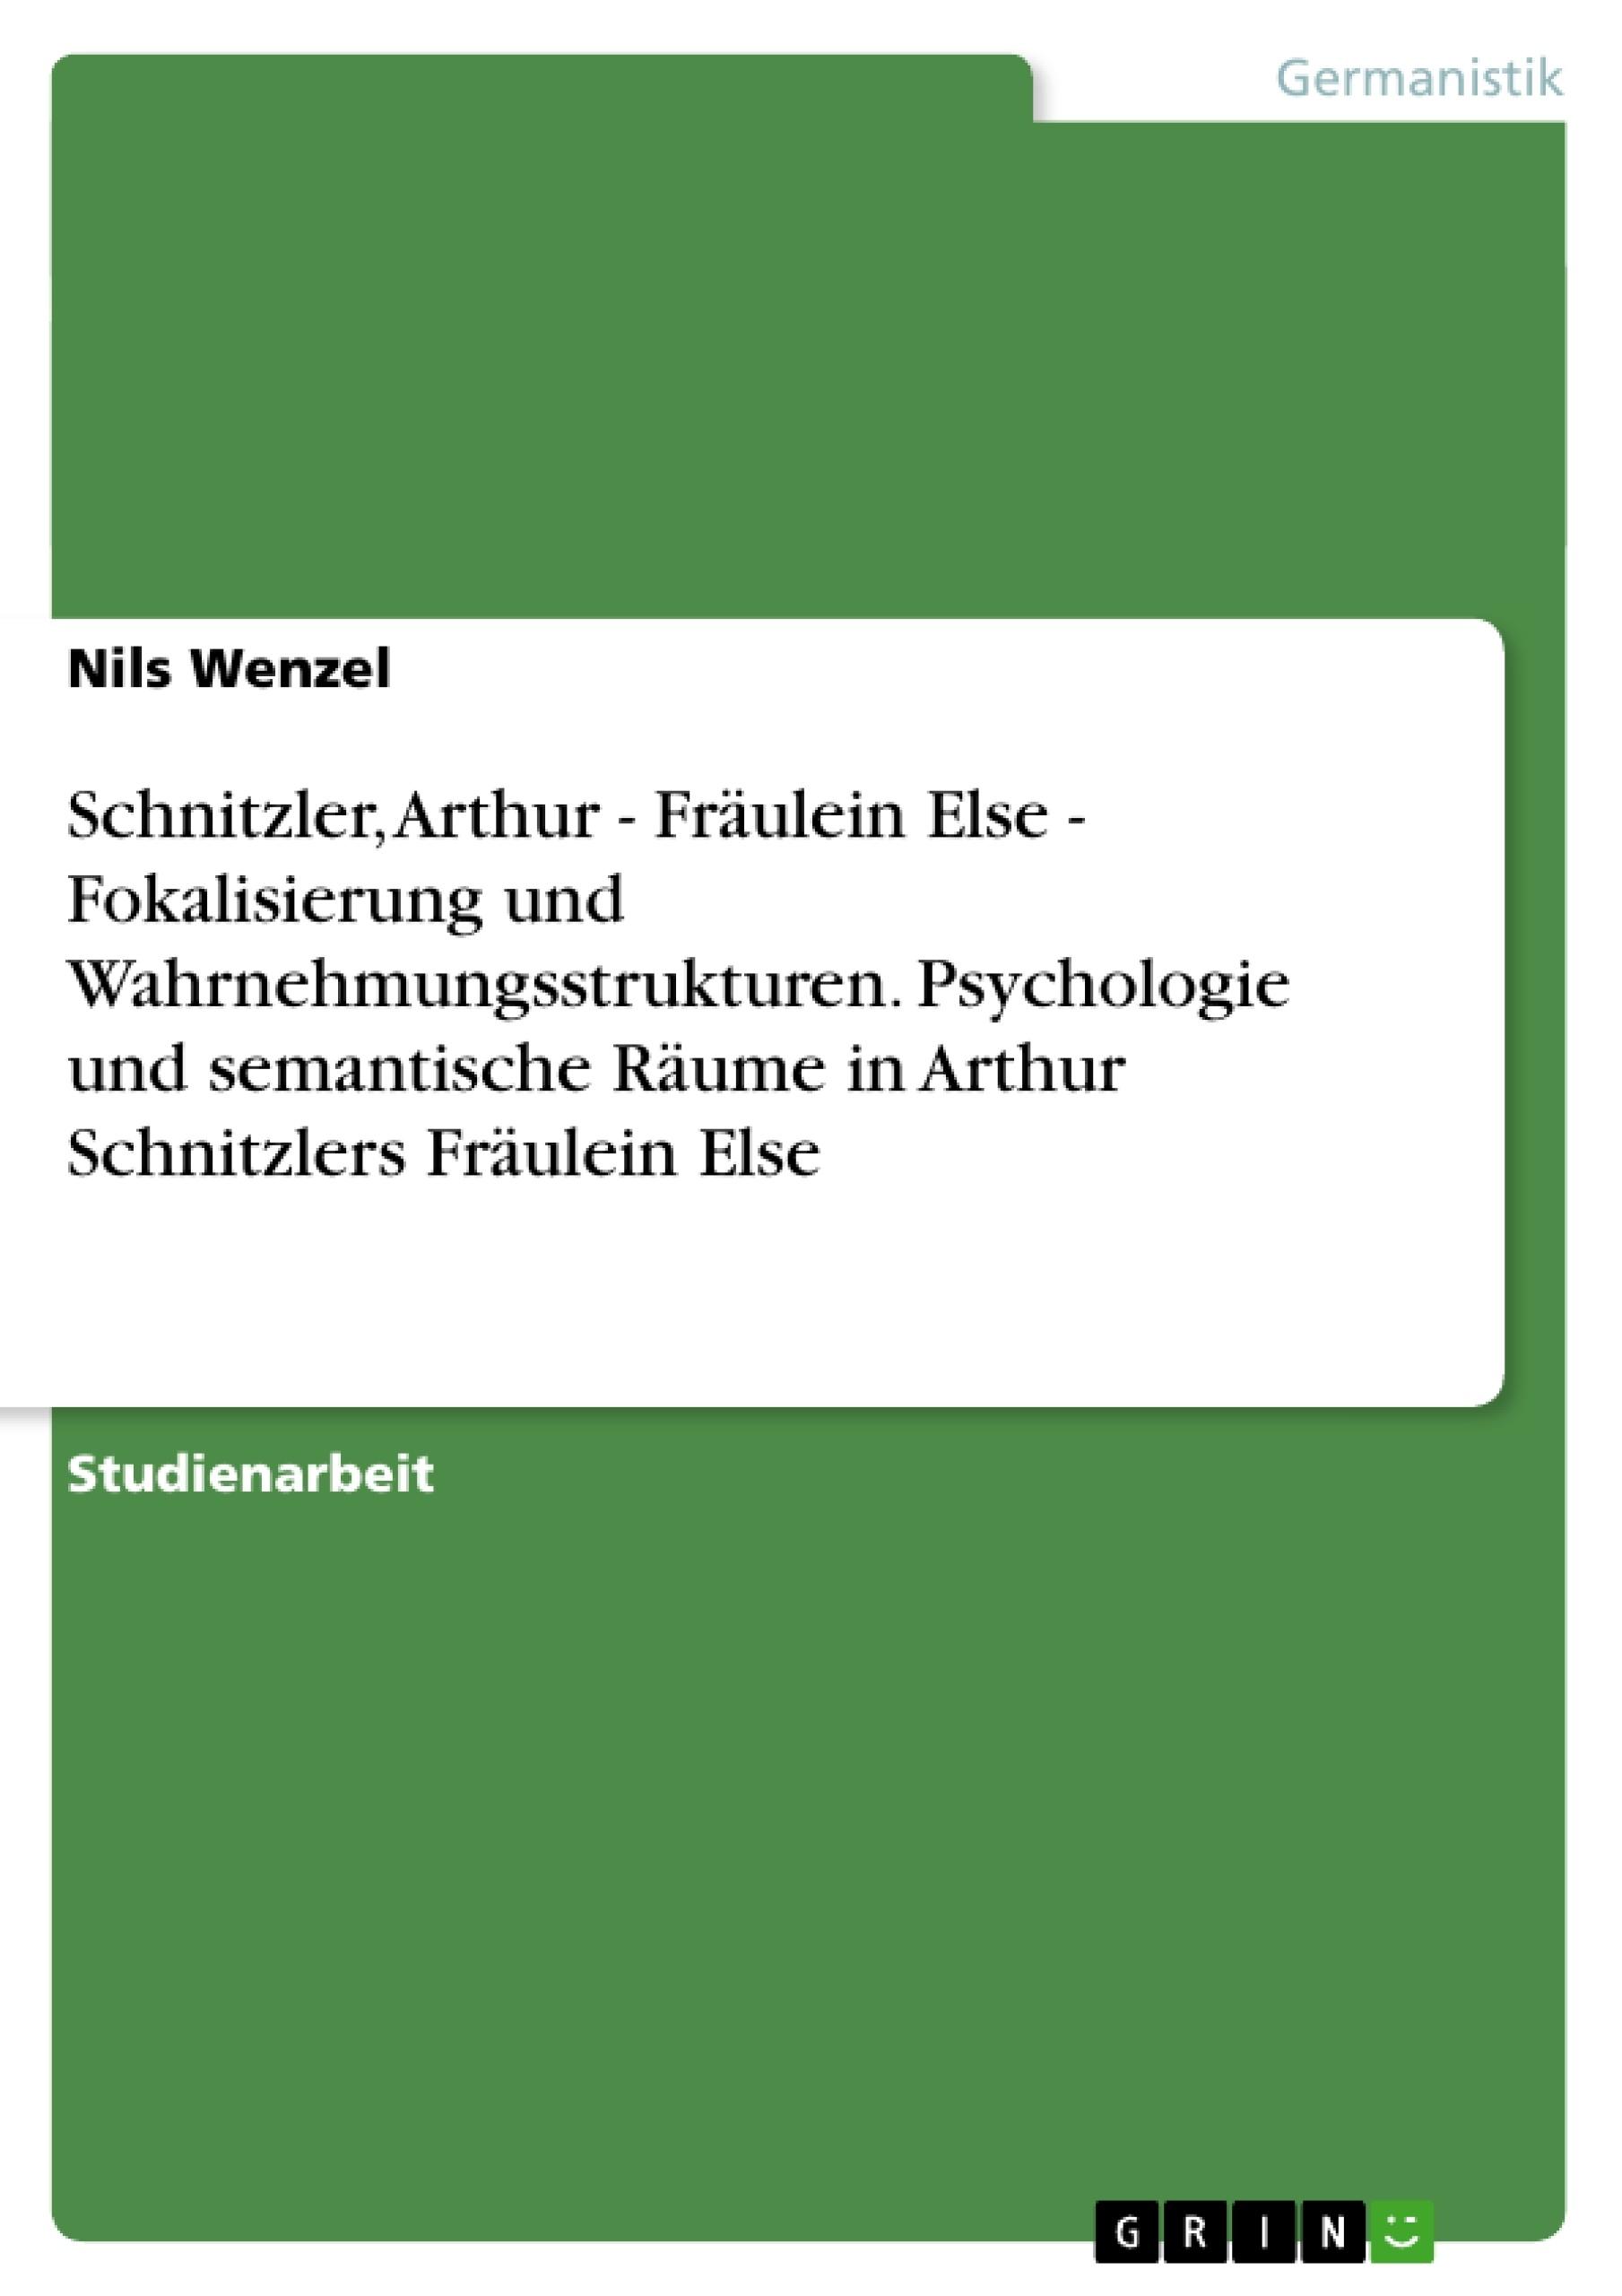 Titel: Schnitzler, Arthur - Fräulein Else - Fokalisierung und Wahrnehmungsstrukturen. Psychologie und semantische Räume in Arthur Schnitzlers Fräulein Else